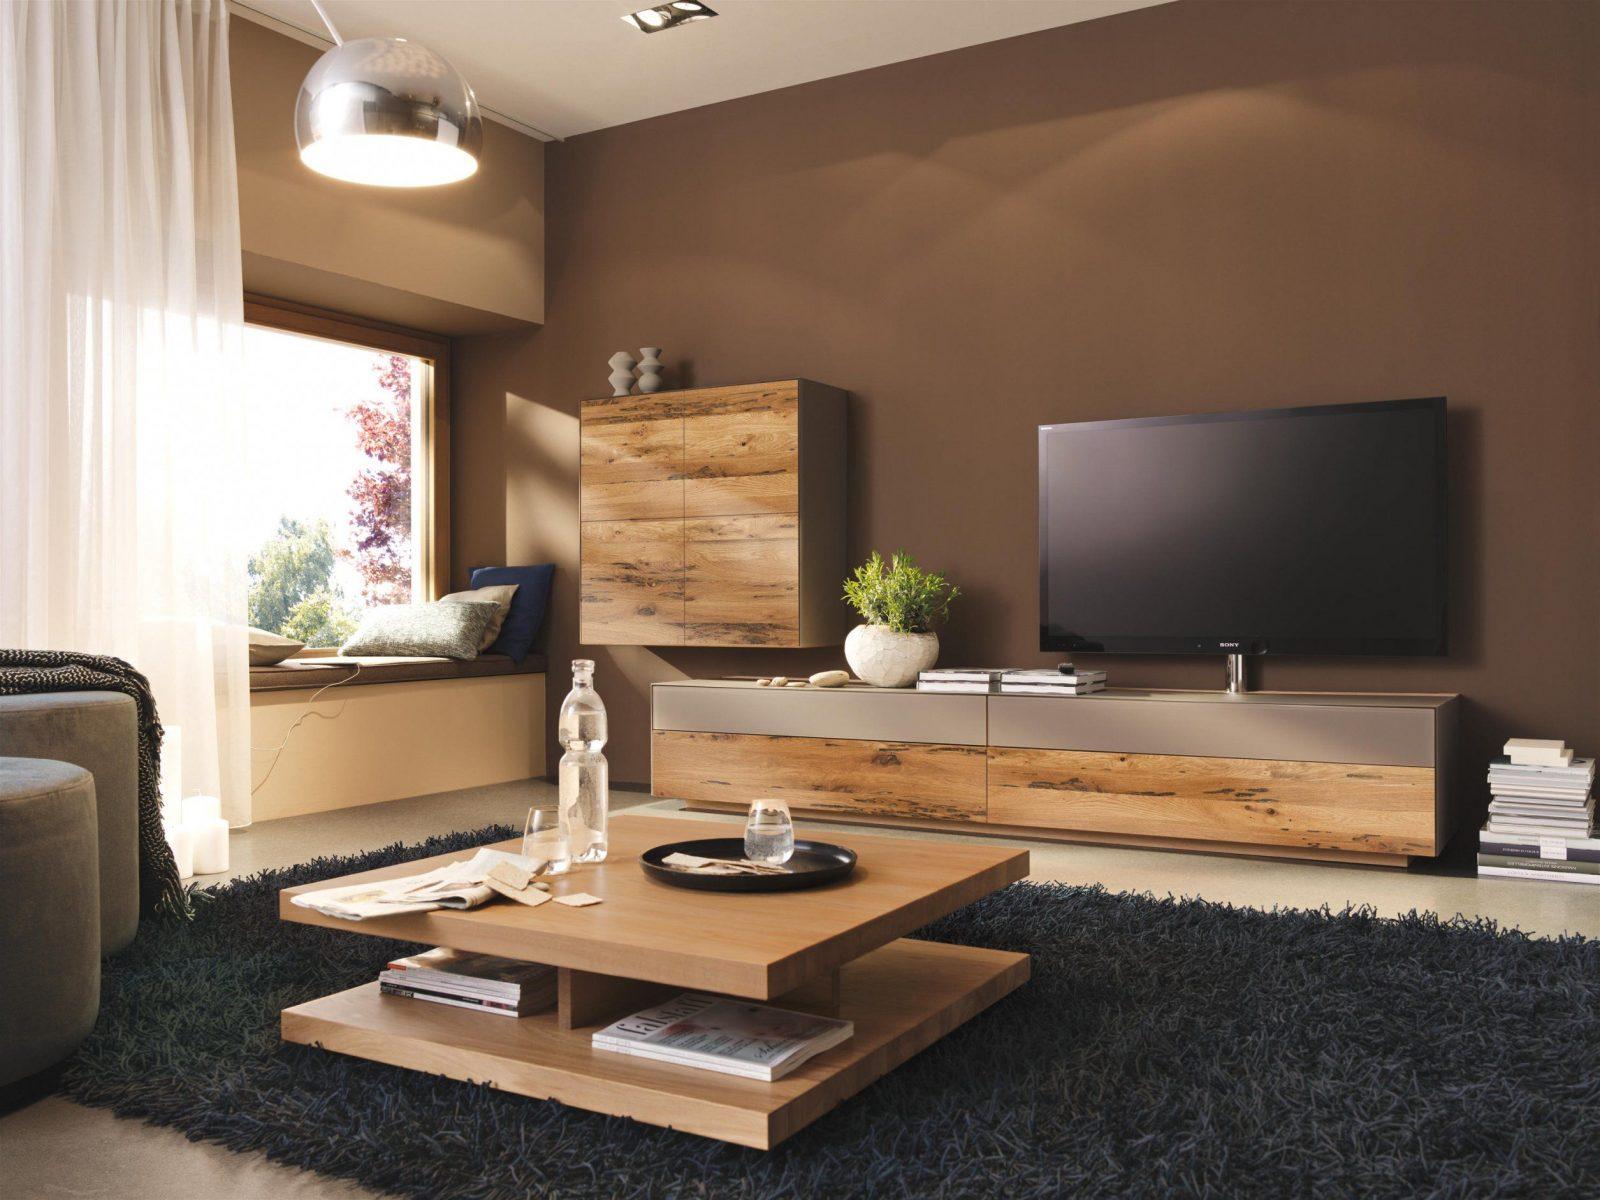 Enjoyable Design Ideas Team 7 Wohnzimmer Cubus Pure Wall Storage von Team 7 Cubus Pure Abverkauf Bild